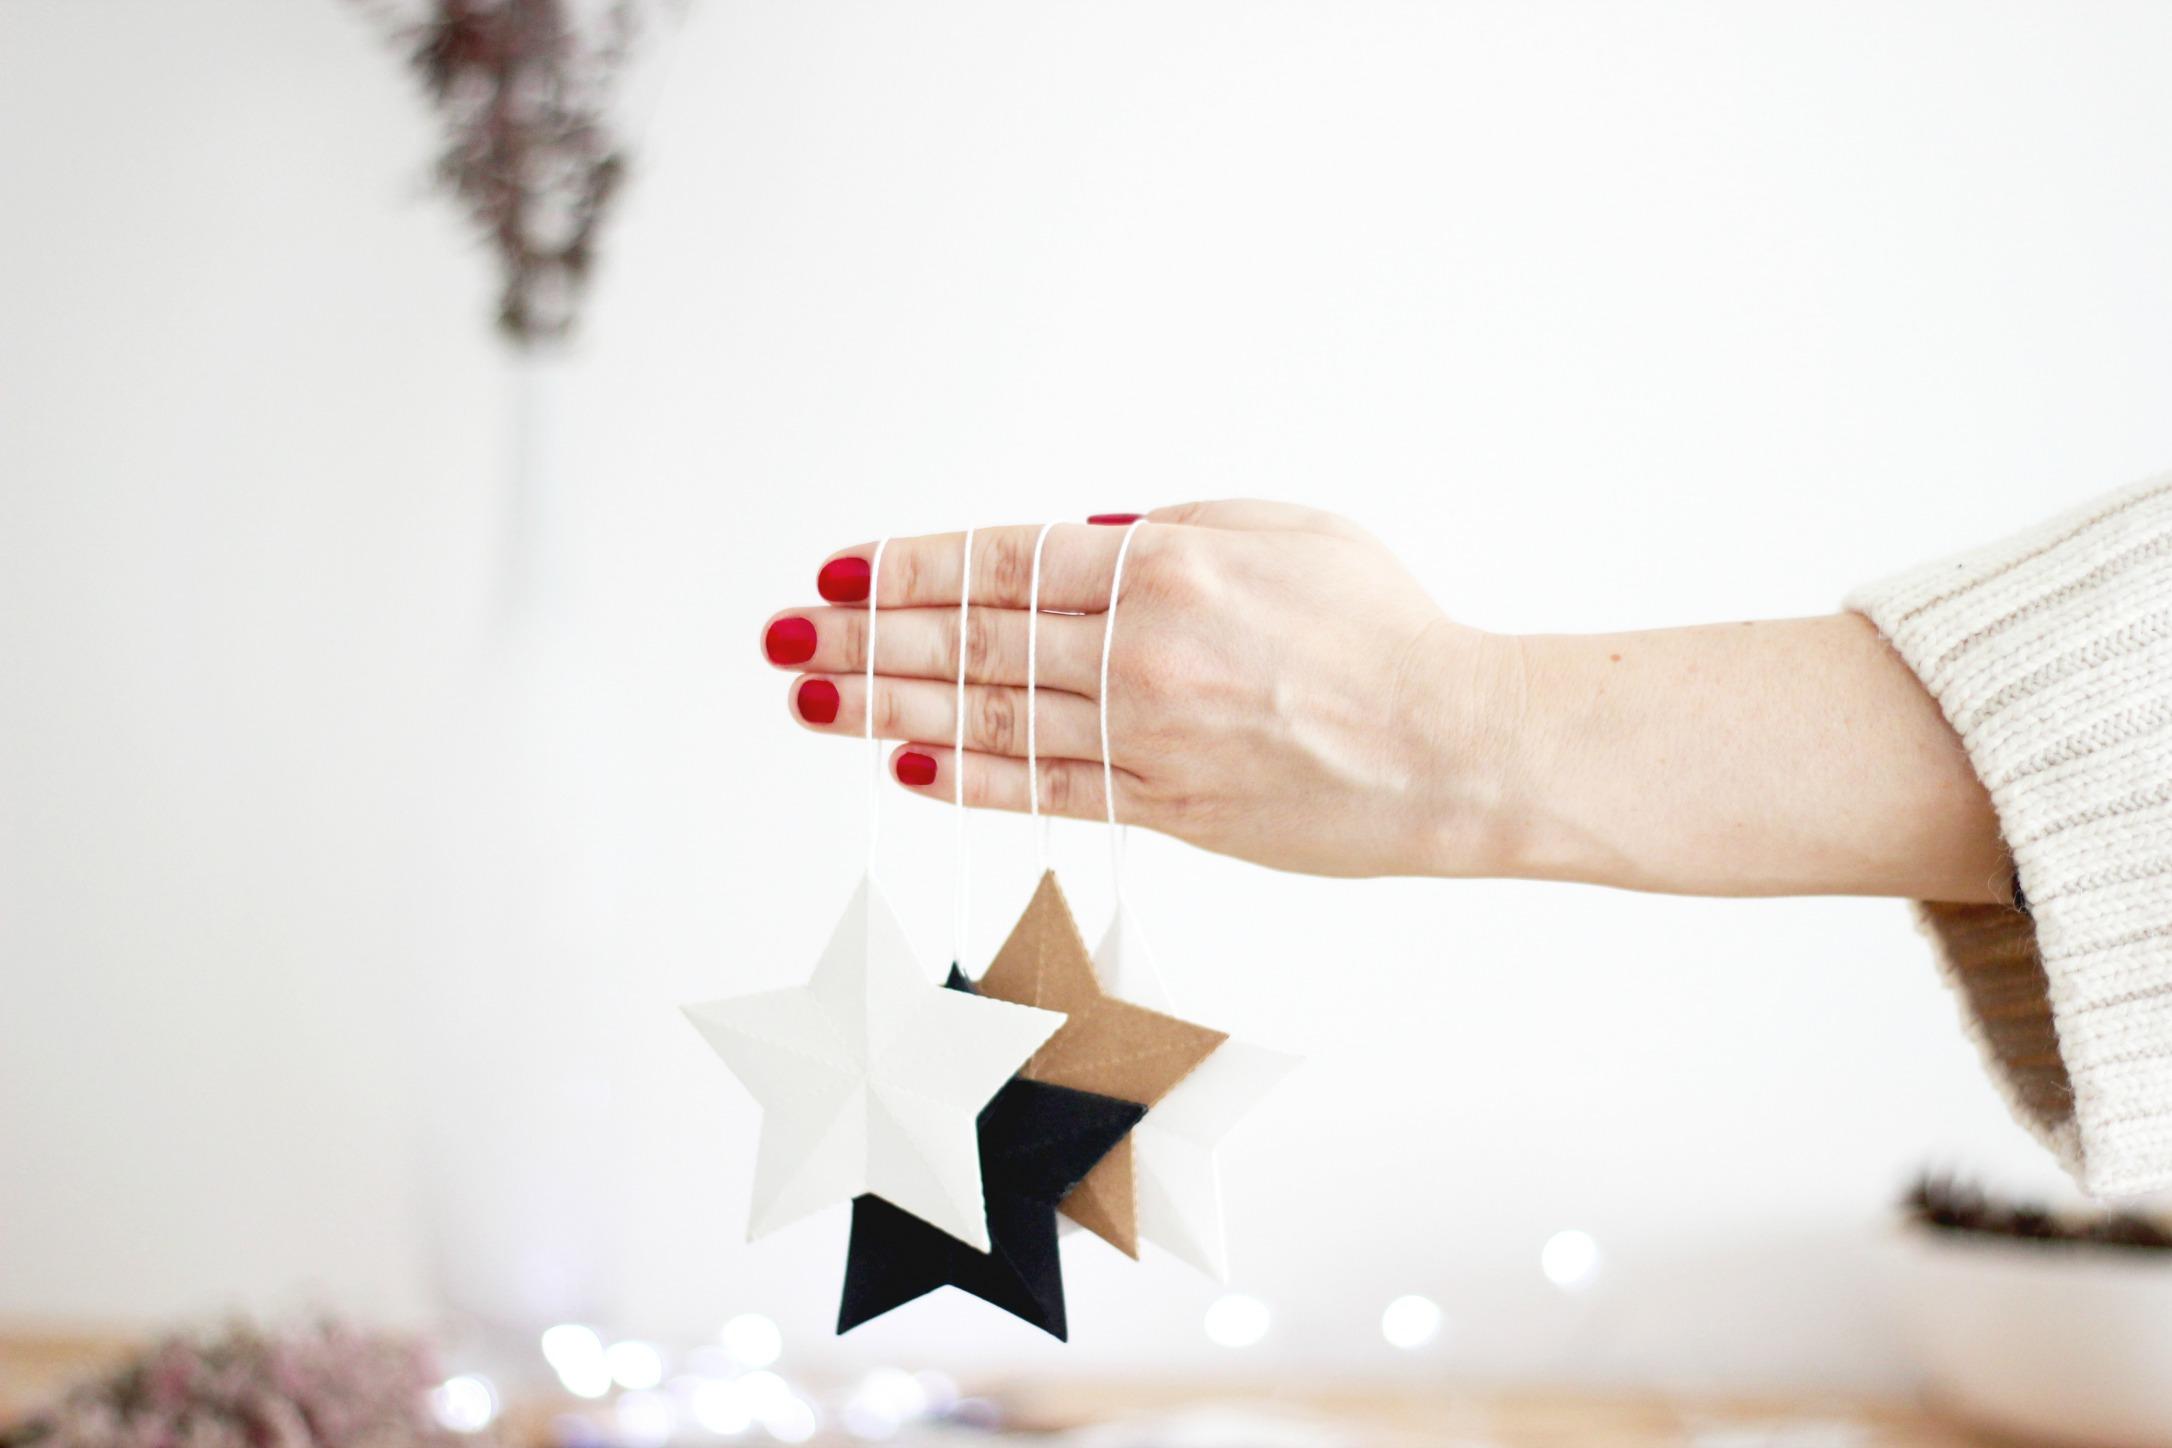 calendario-de-adviento-2016-adornos-navidad-ikea-10